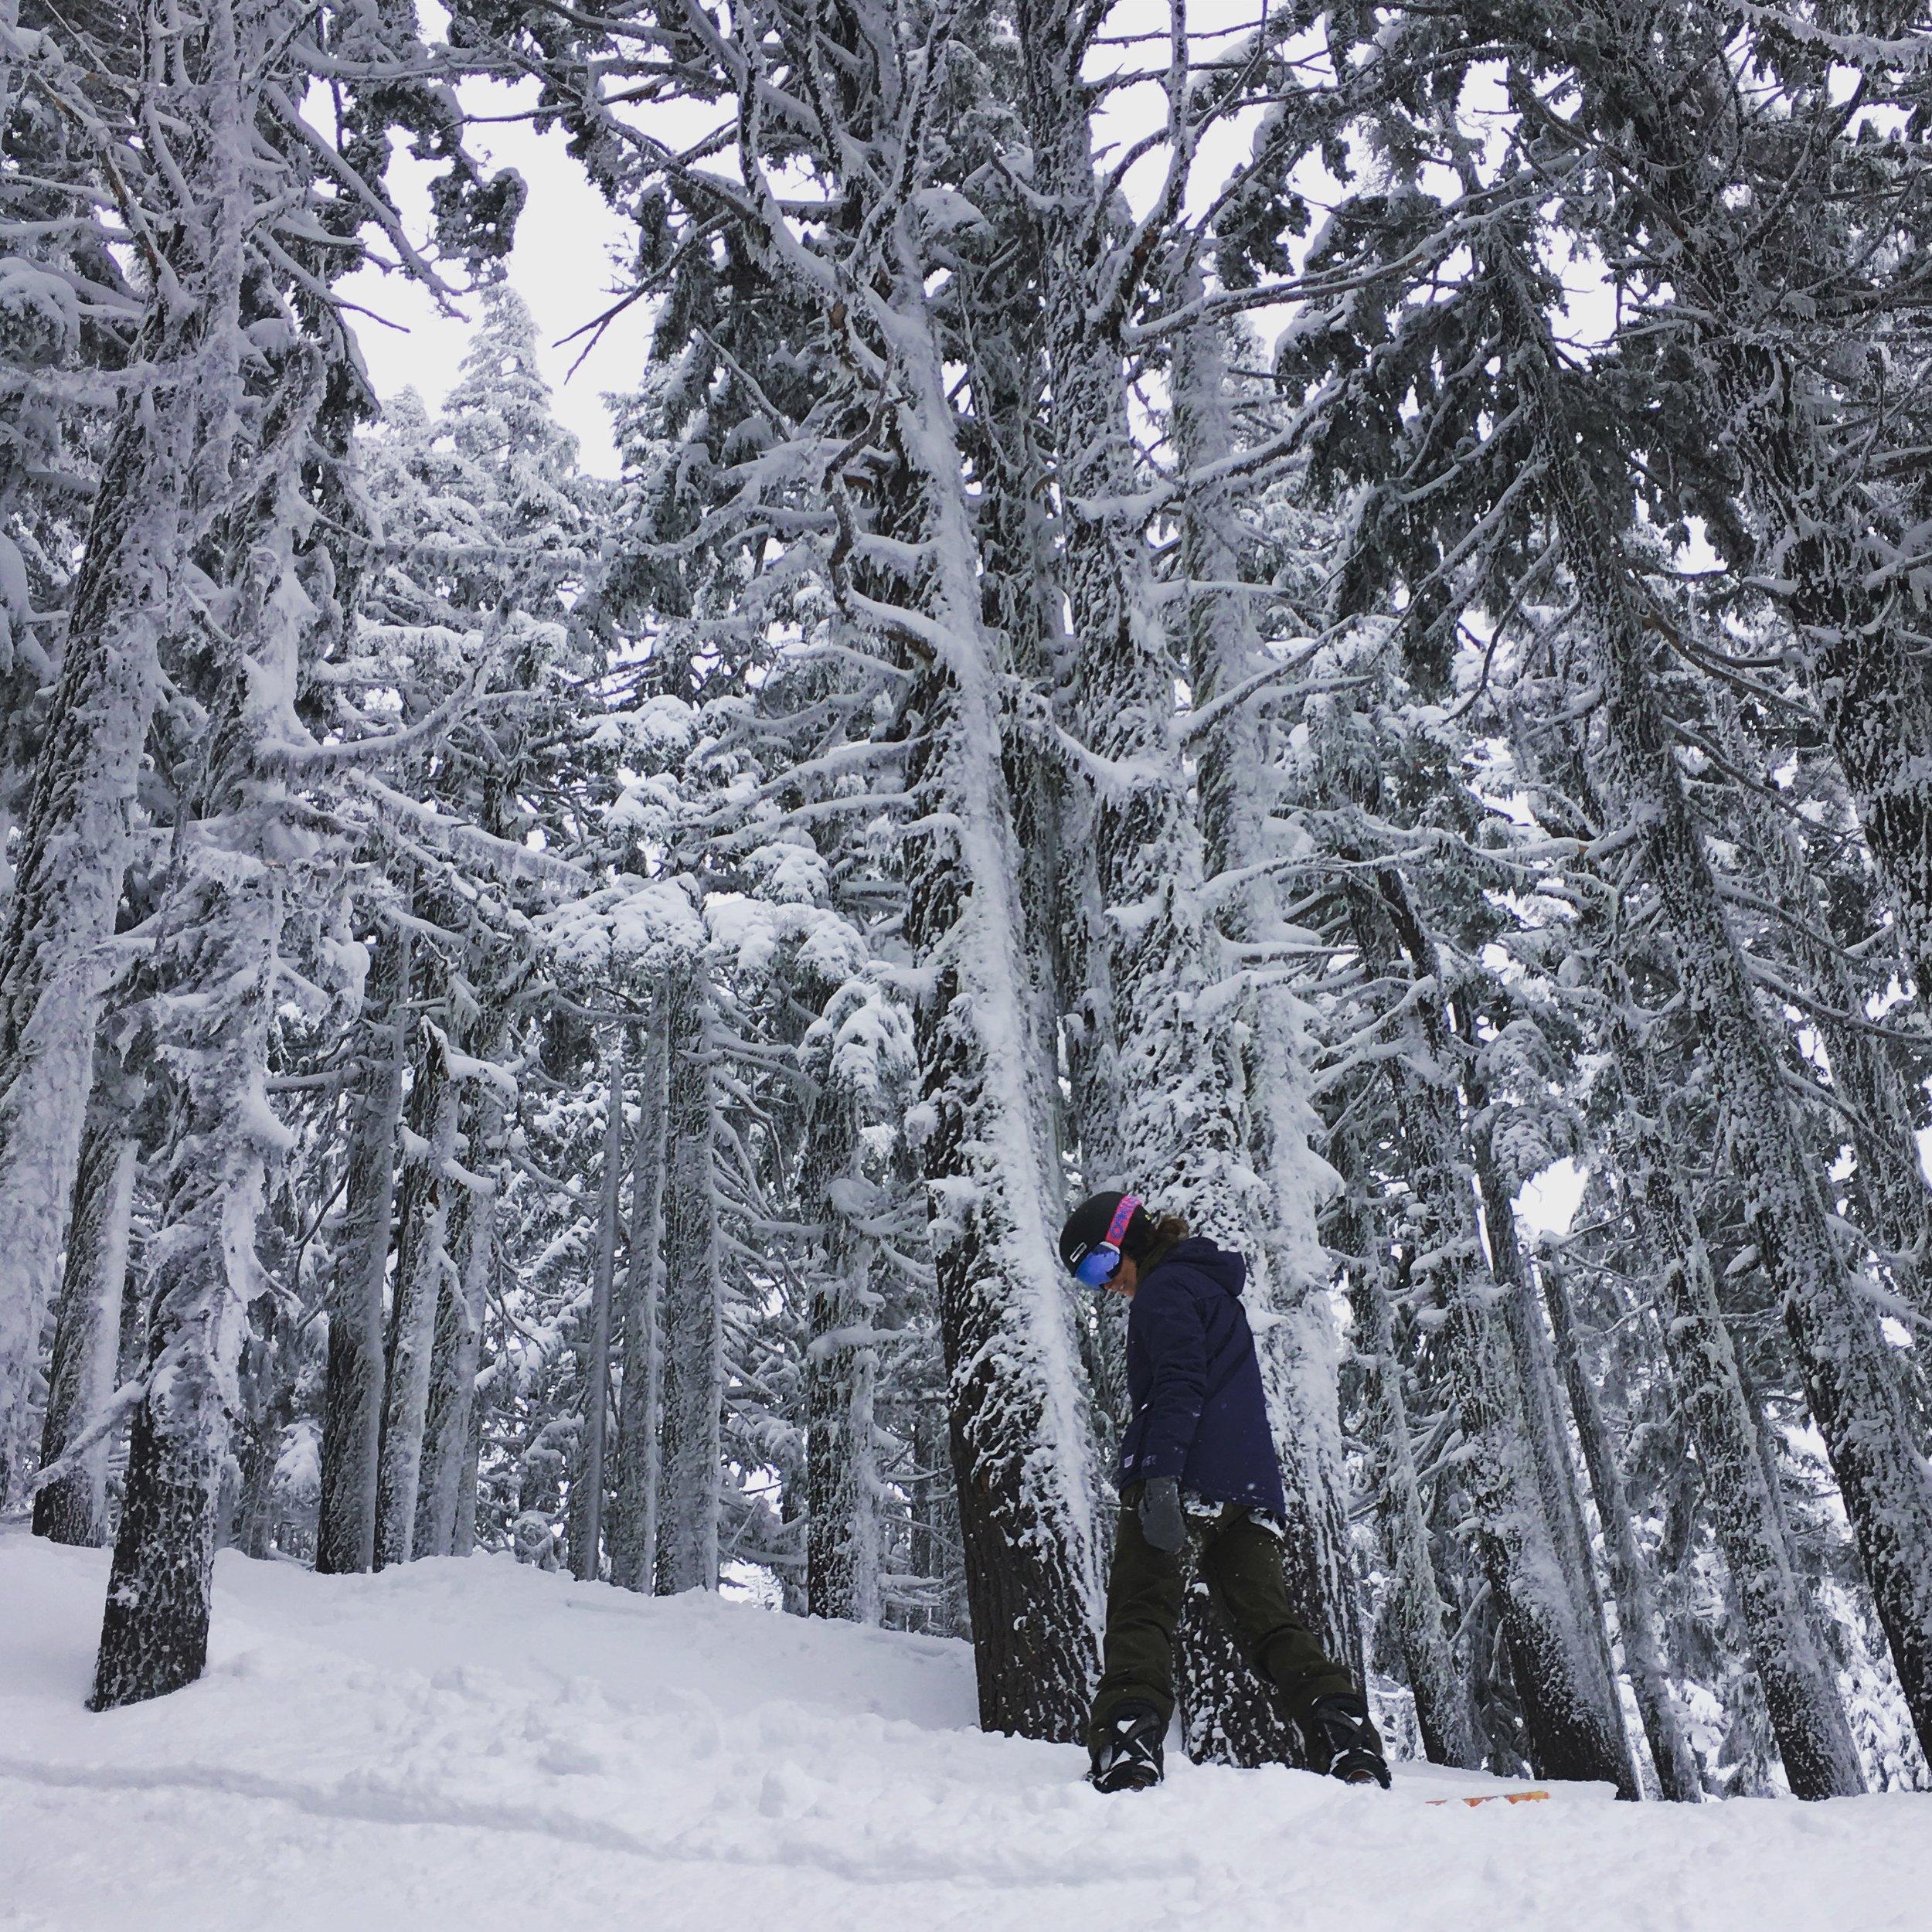 Stephanie-Kemp-snowboarding.JPG